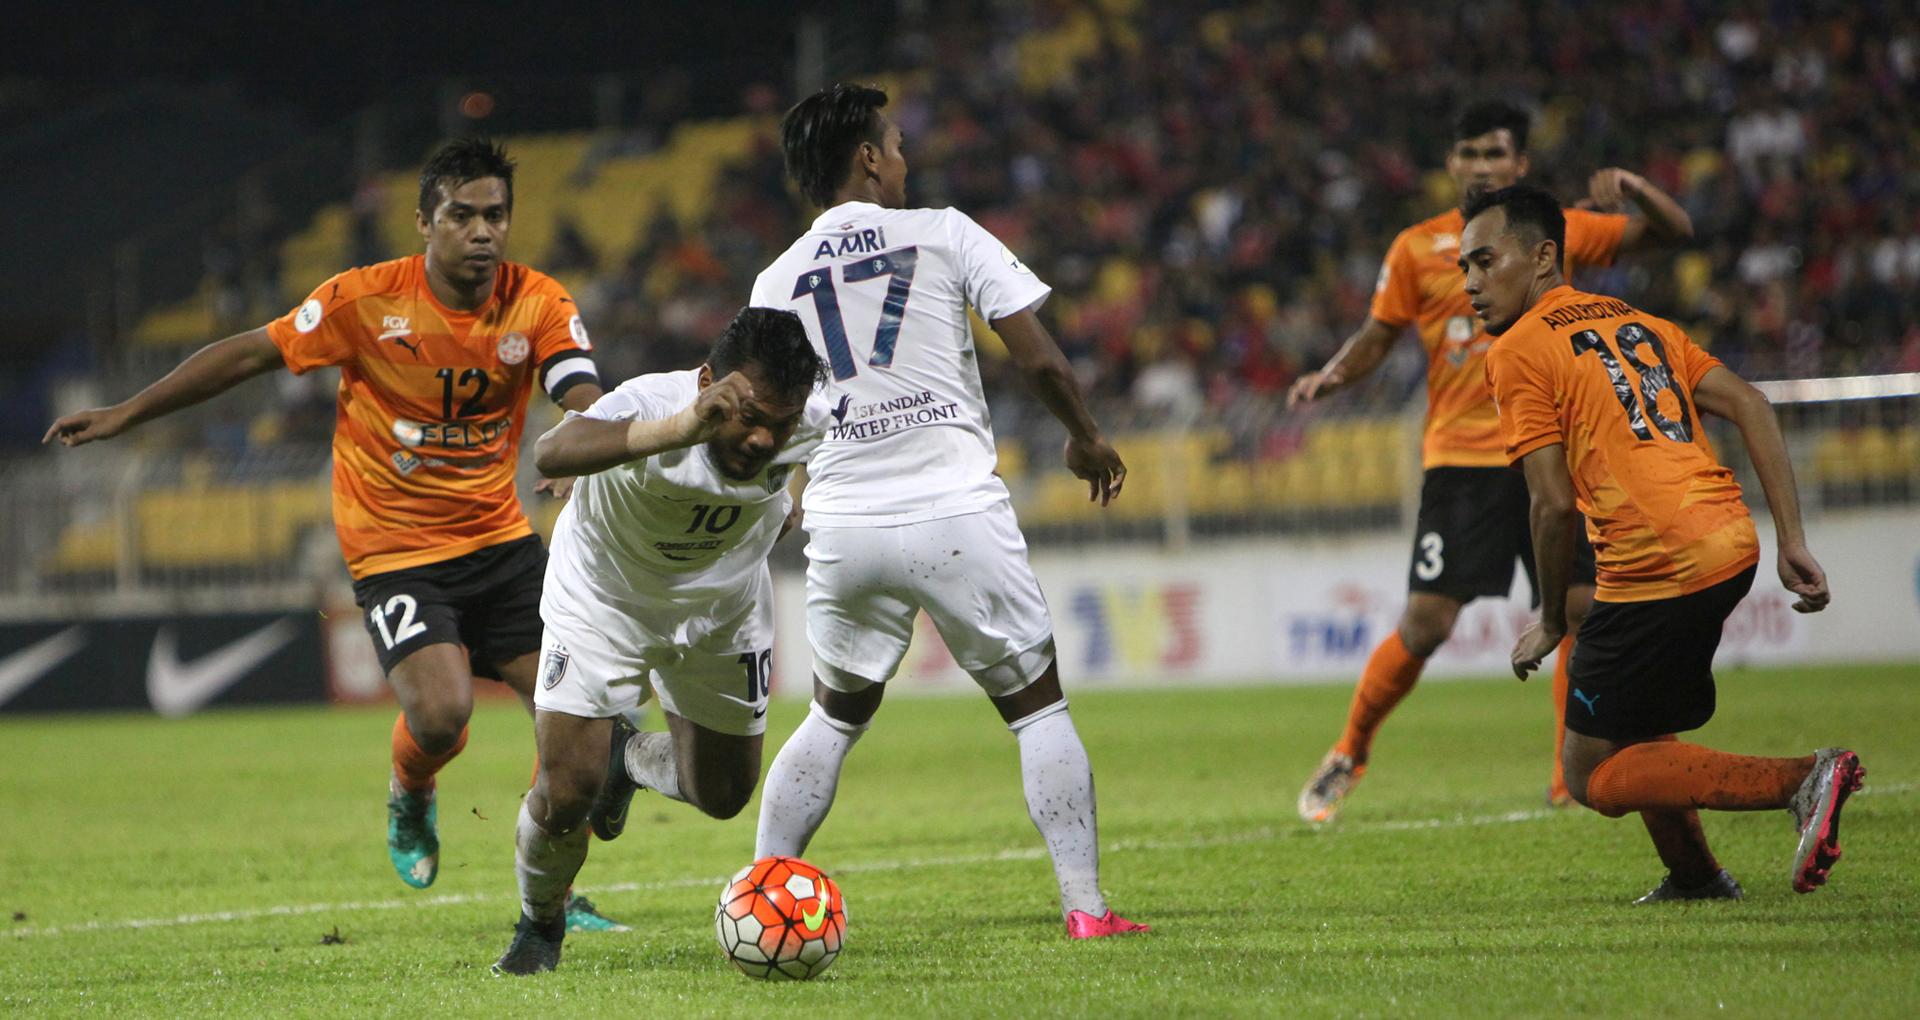 Felda United vs Johor Darul Ta'zim